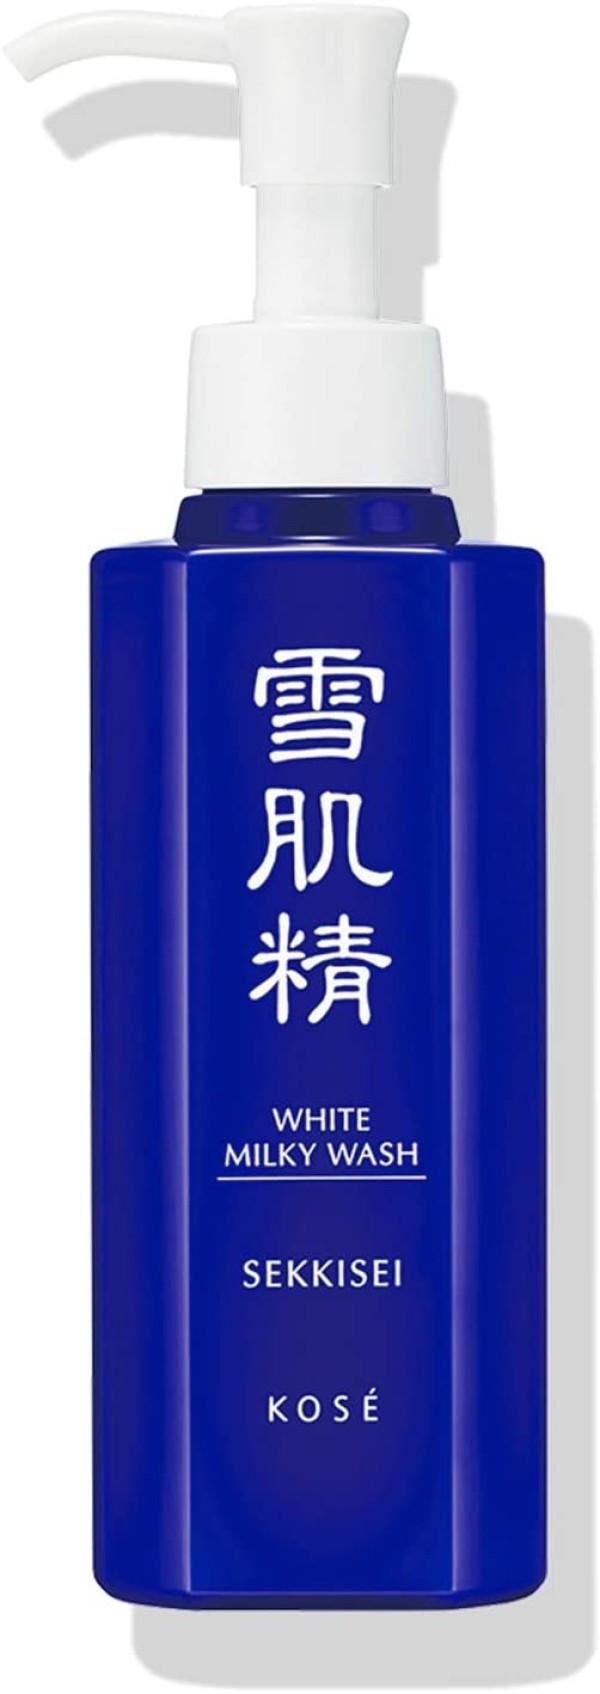 Отбеливающее молочко для умывания Sekkisei White Milky Wash